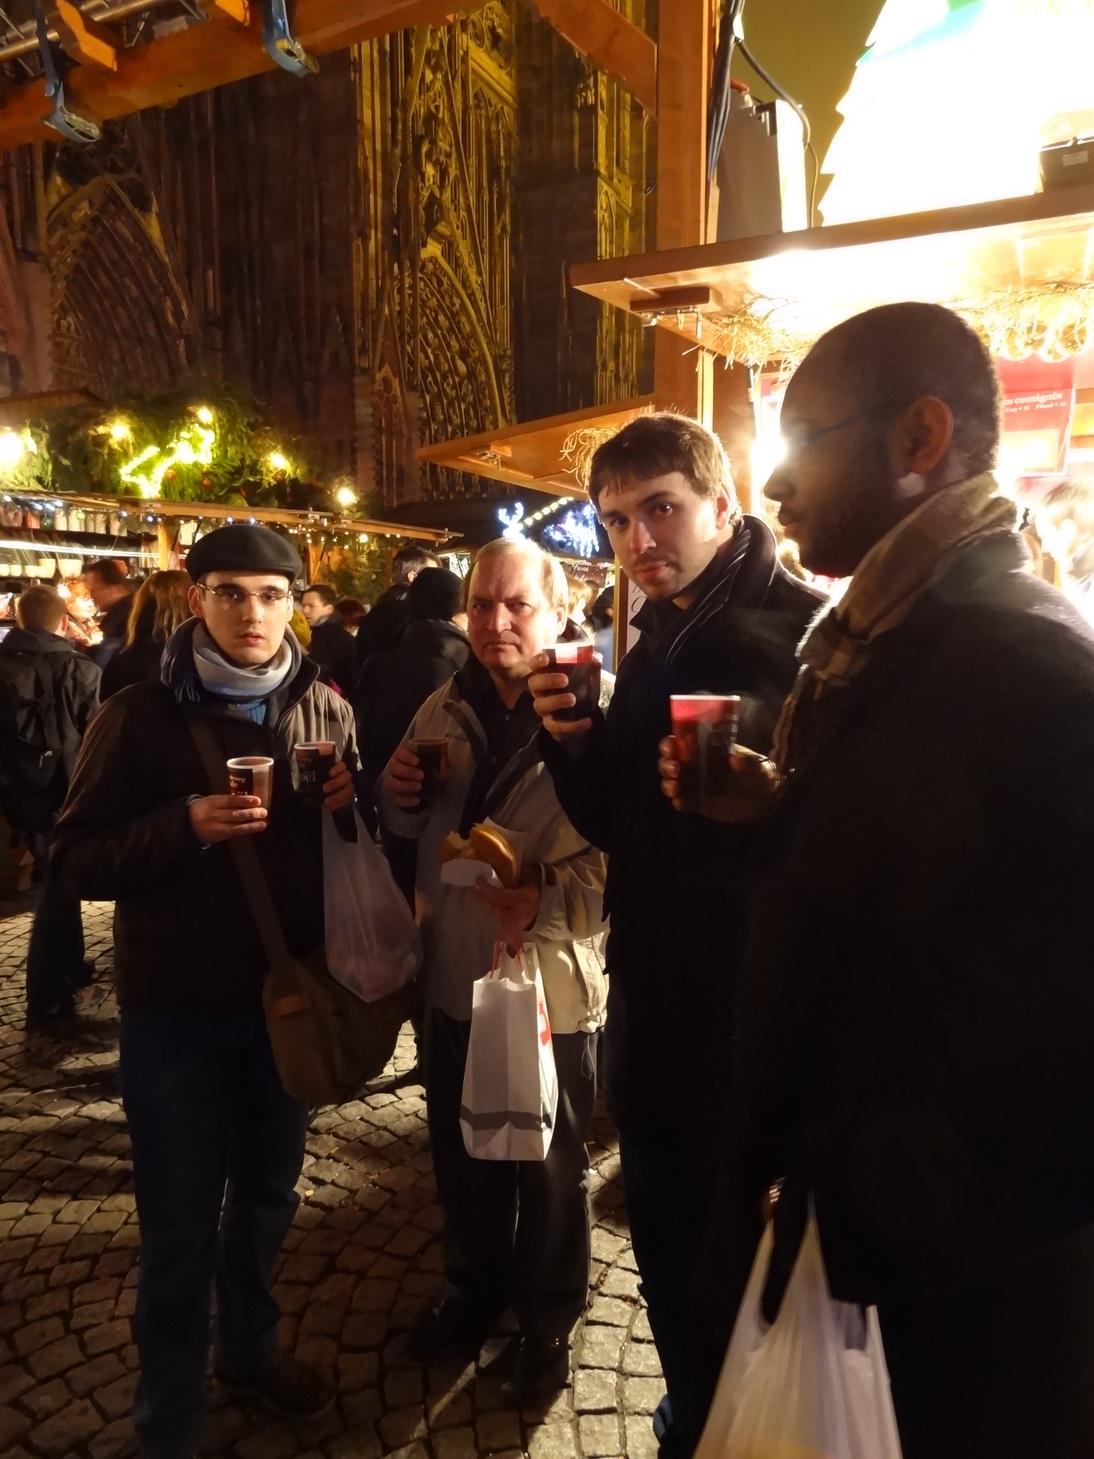 Comment aller à Strasbourg sans voir le marché de Noël ?